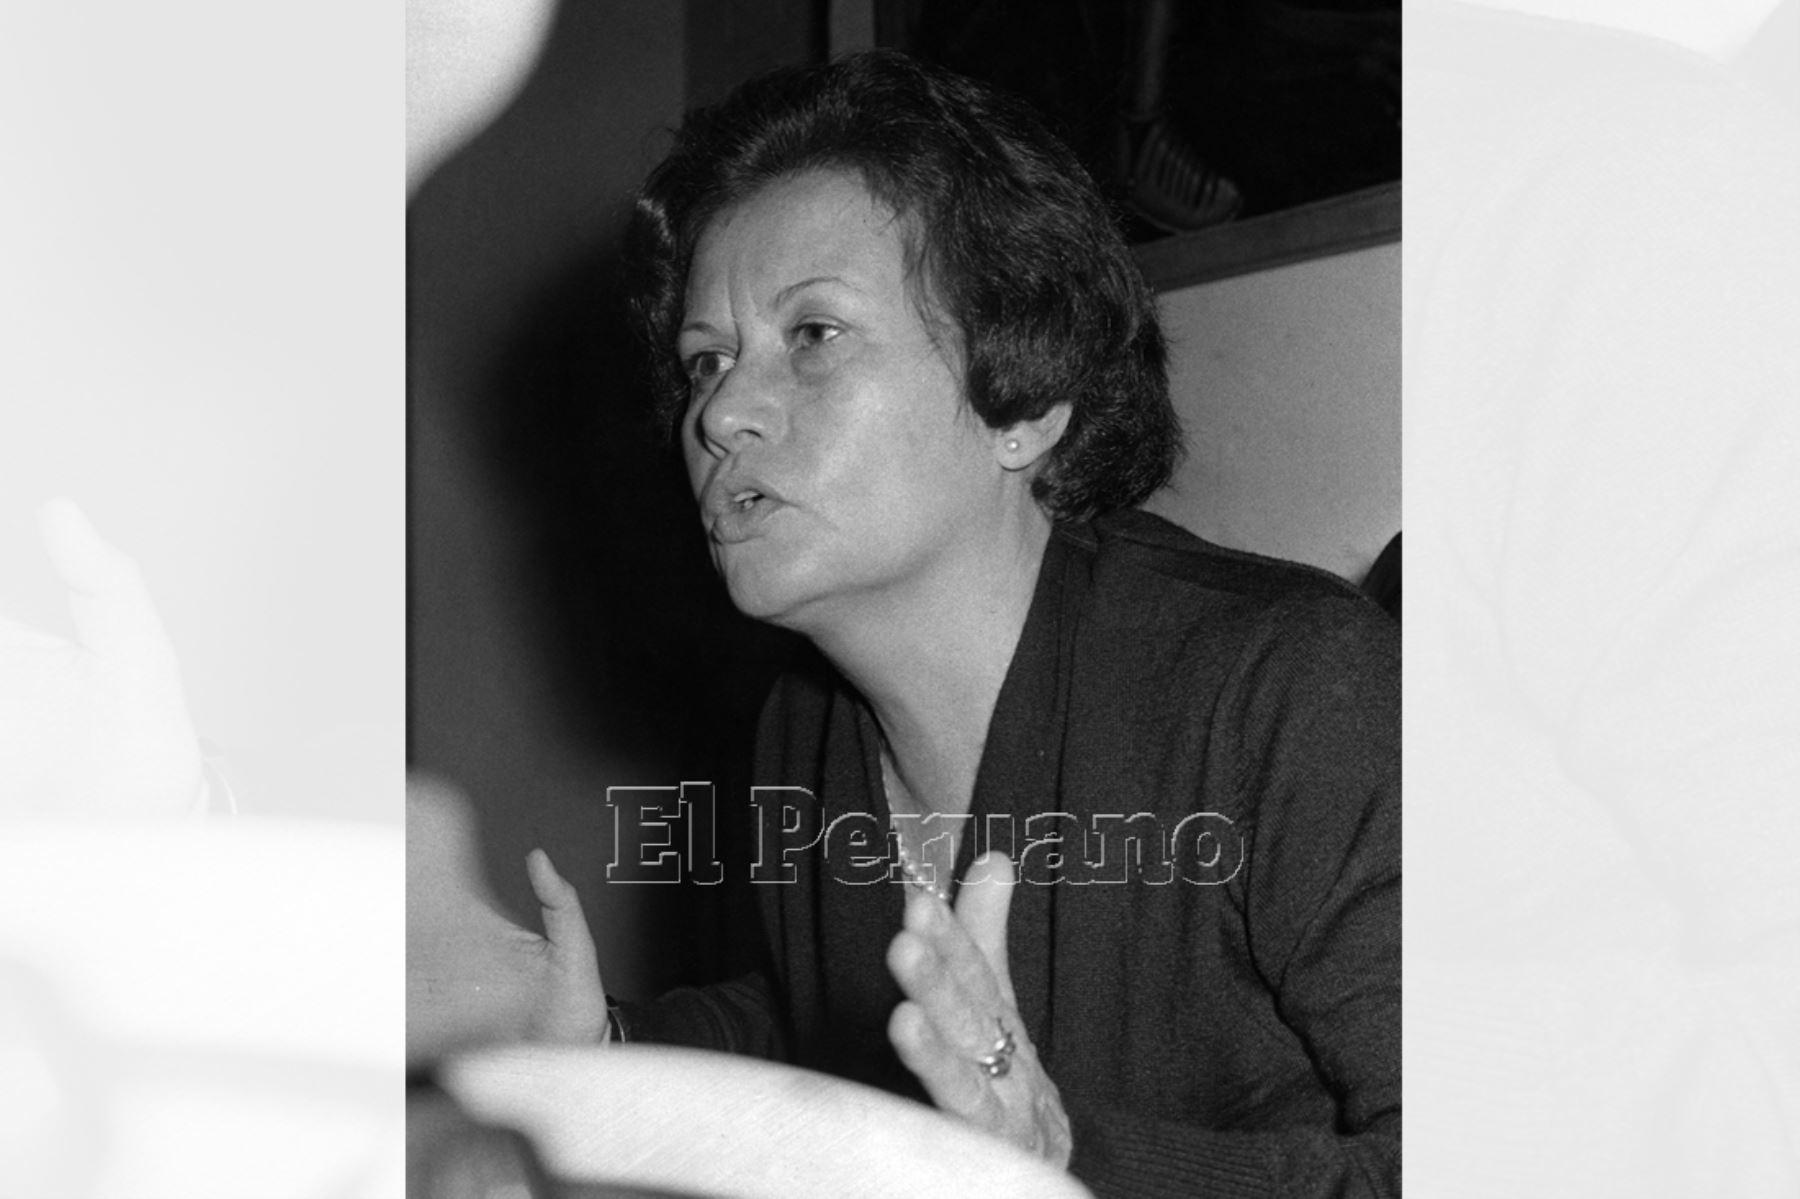 Martha Hildebrandt estudio en la Facultad de Letras. Ejerció en San Marcos la cátedra de Fonética General y Española desde 1947 y dirigió el departamento de Lingüística y Filología. Fue directora del Instituto Nacional de Cultura y presidenta del Congreso de la República. Foto: Archivo Histórico de EL PERUANO (Lima, 1975)